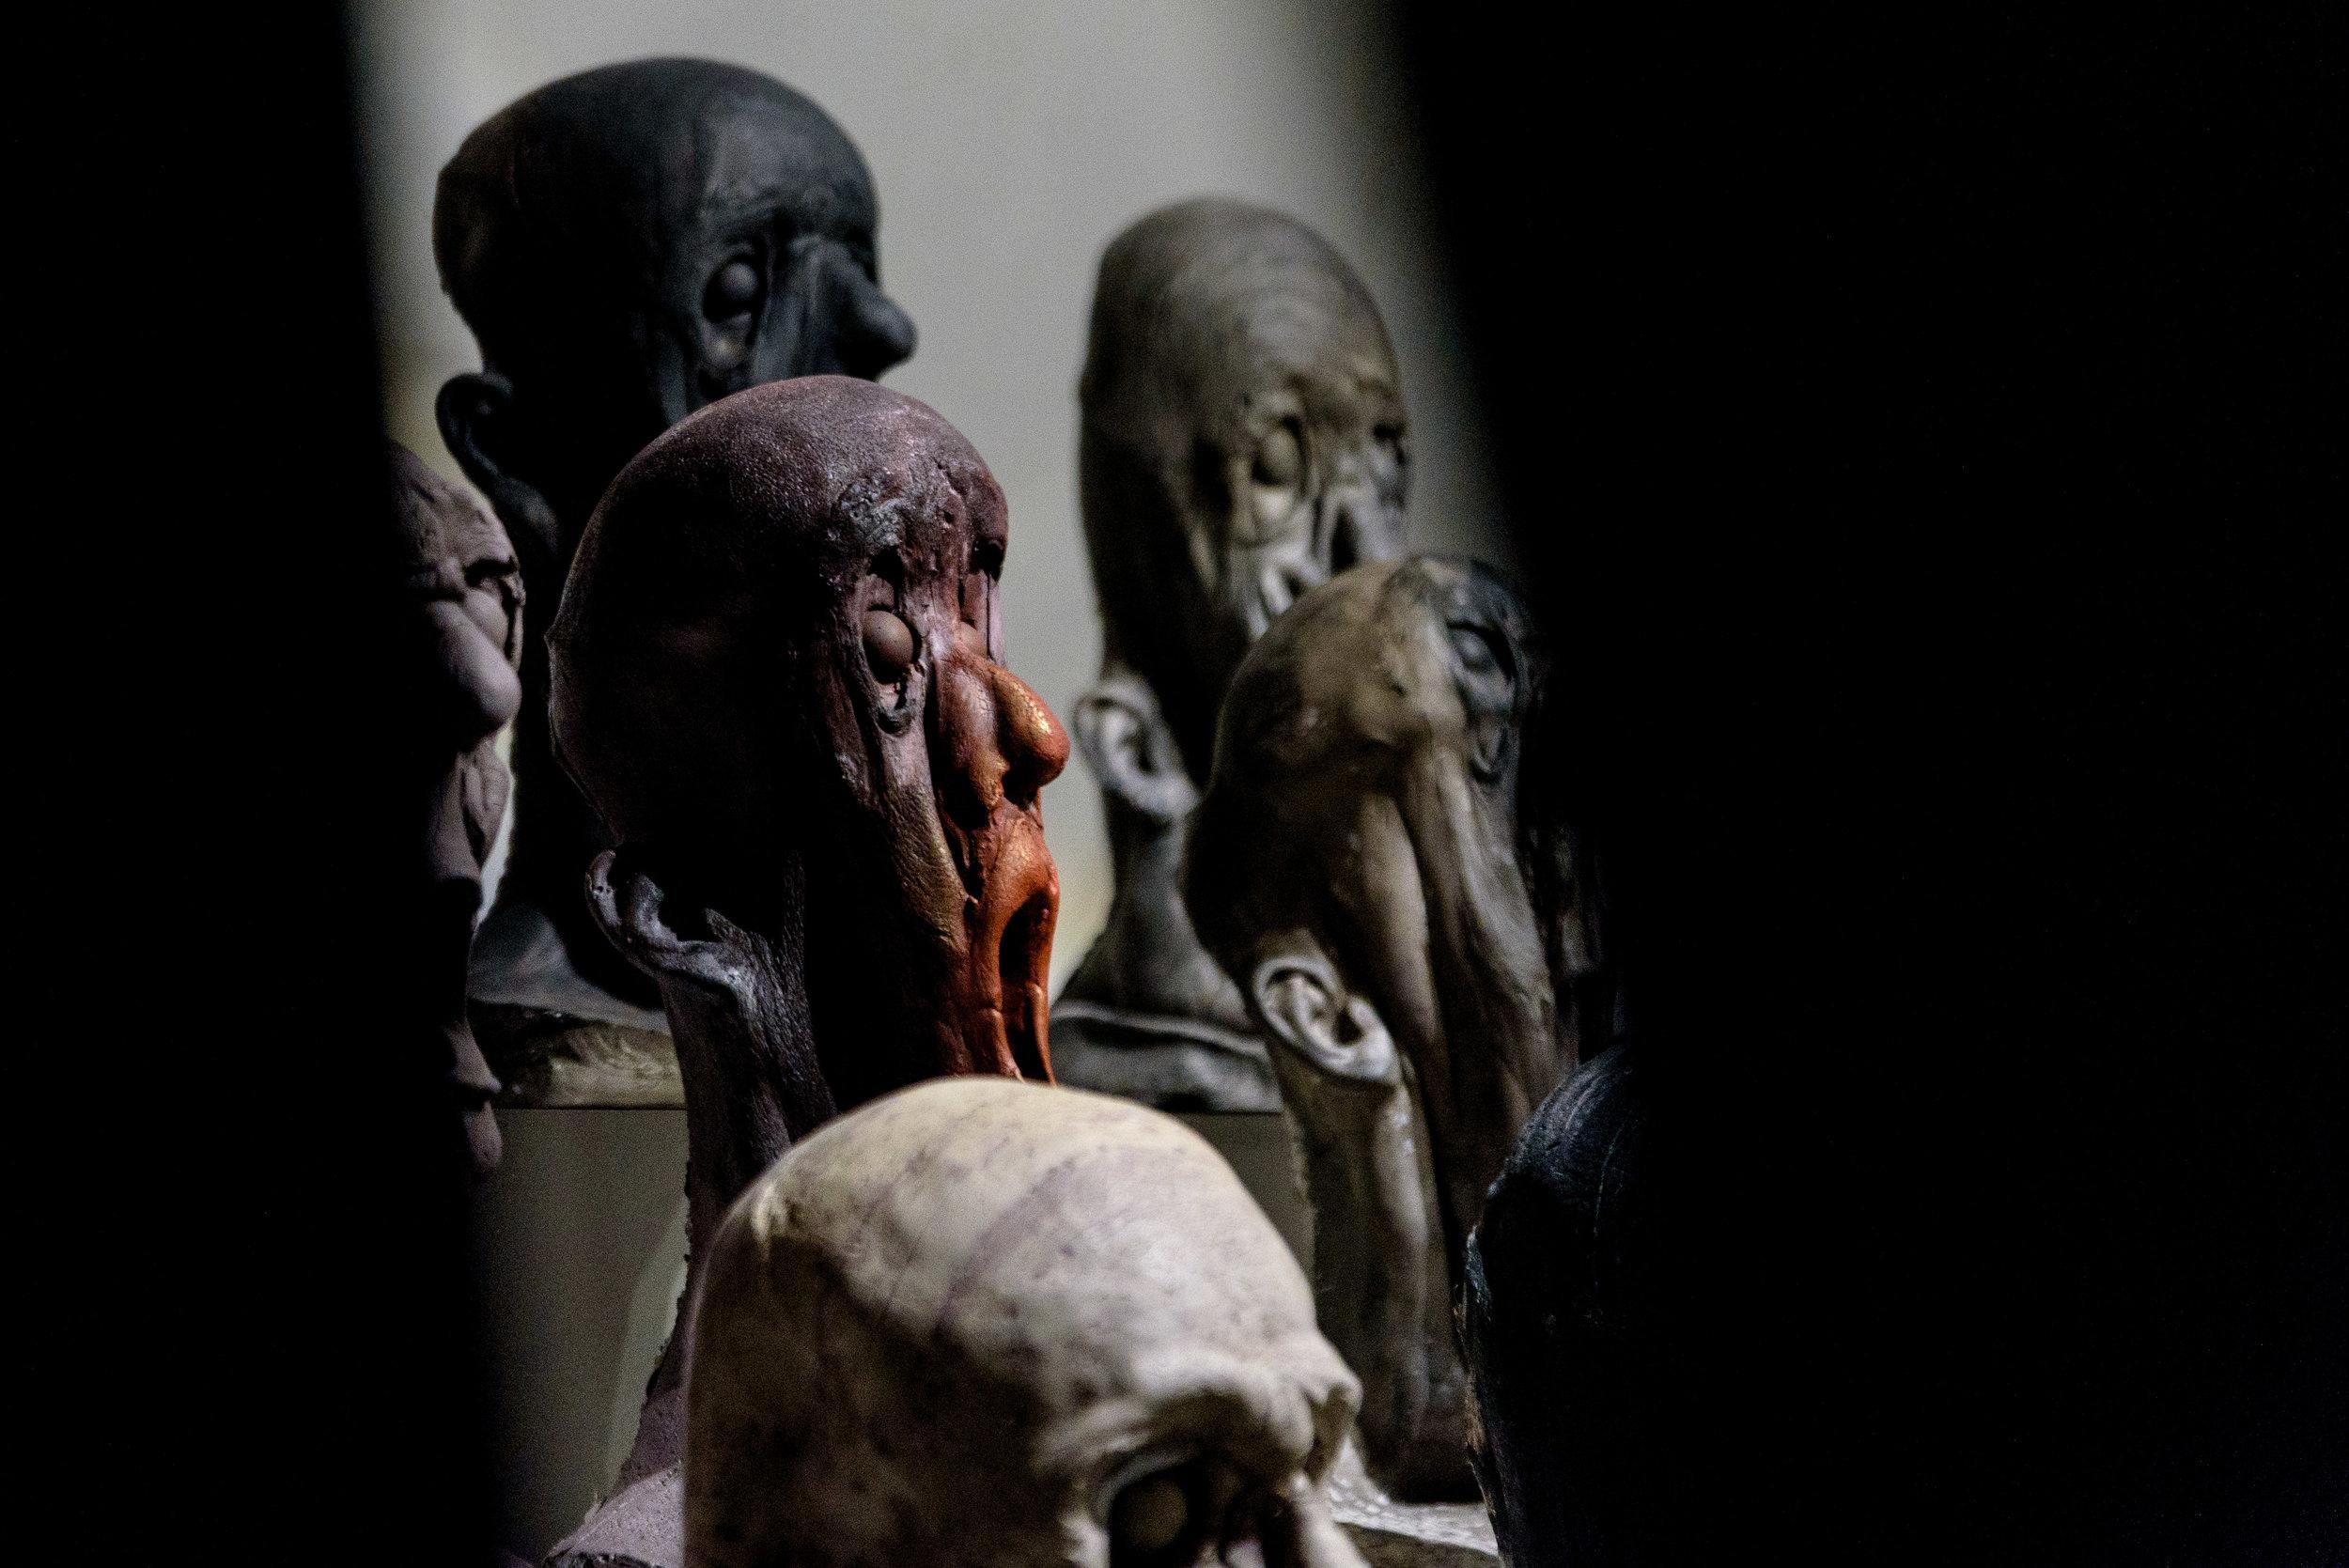 Humanorium oddities